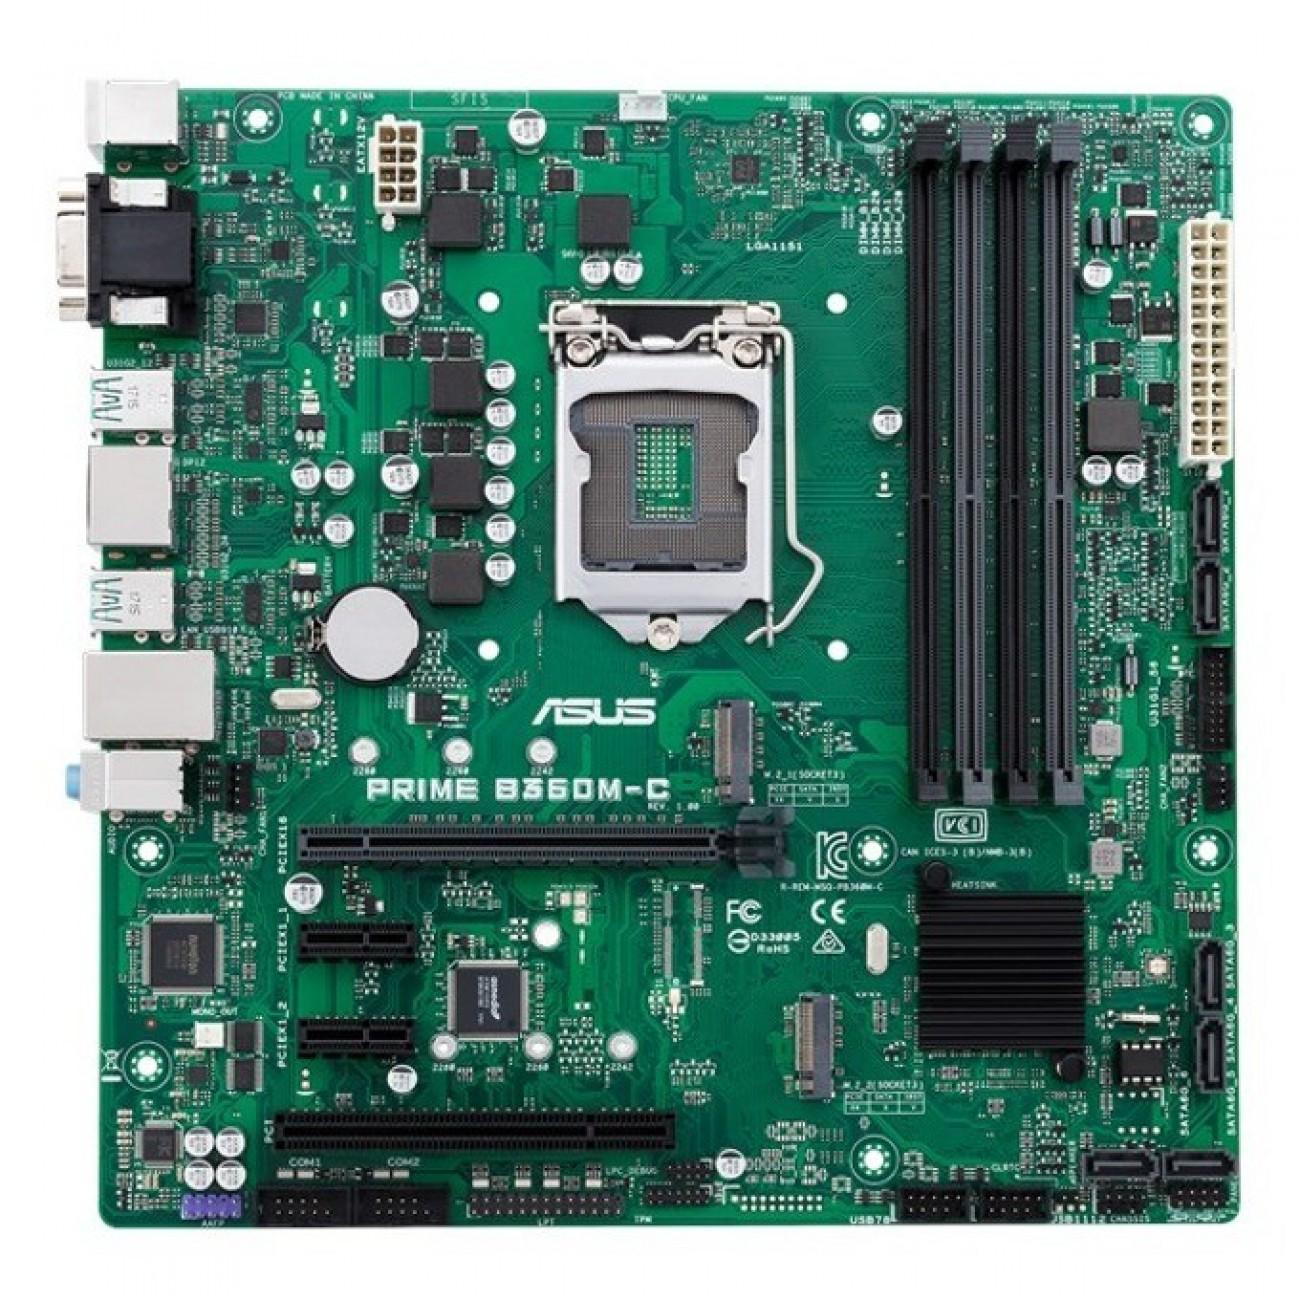 Дънна платка Asus PRIME B360M-C, B360, DDR4, PCI-E(DP&HDMI), 6x SATA 6Gb/s, 2x M.2 Socket 3, 4x USB 3.1 (Gen 2), uATX в Дънни платки за Intel процесори - Asus | Alleop